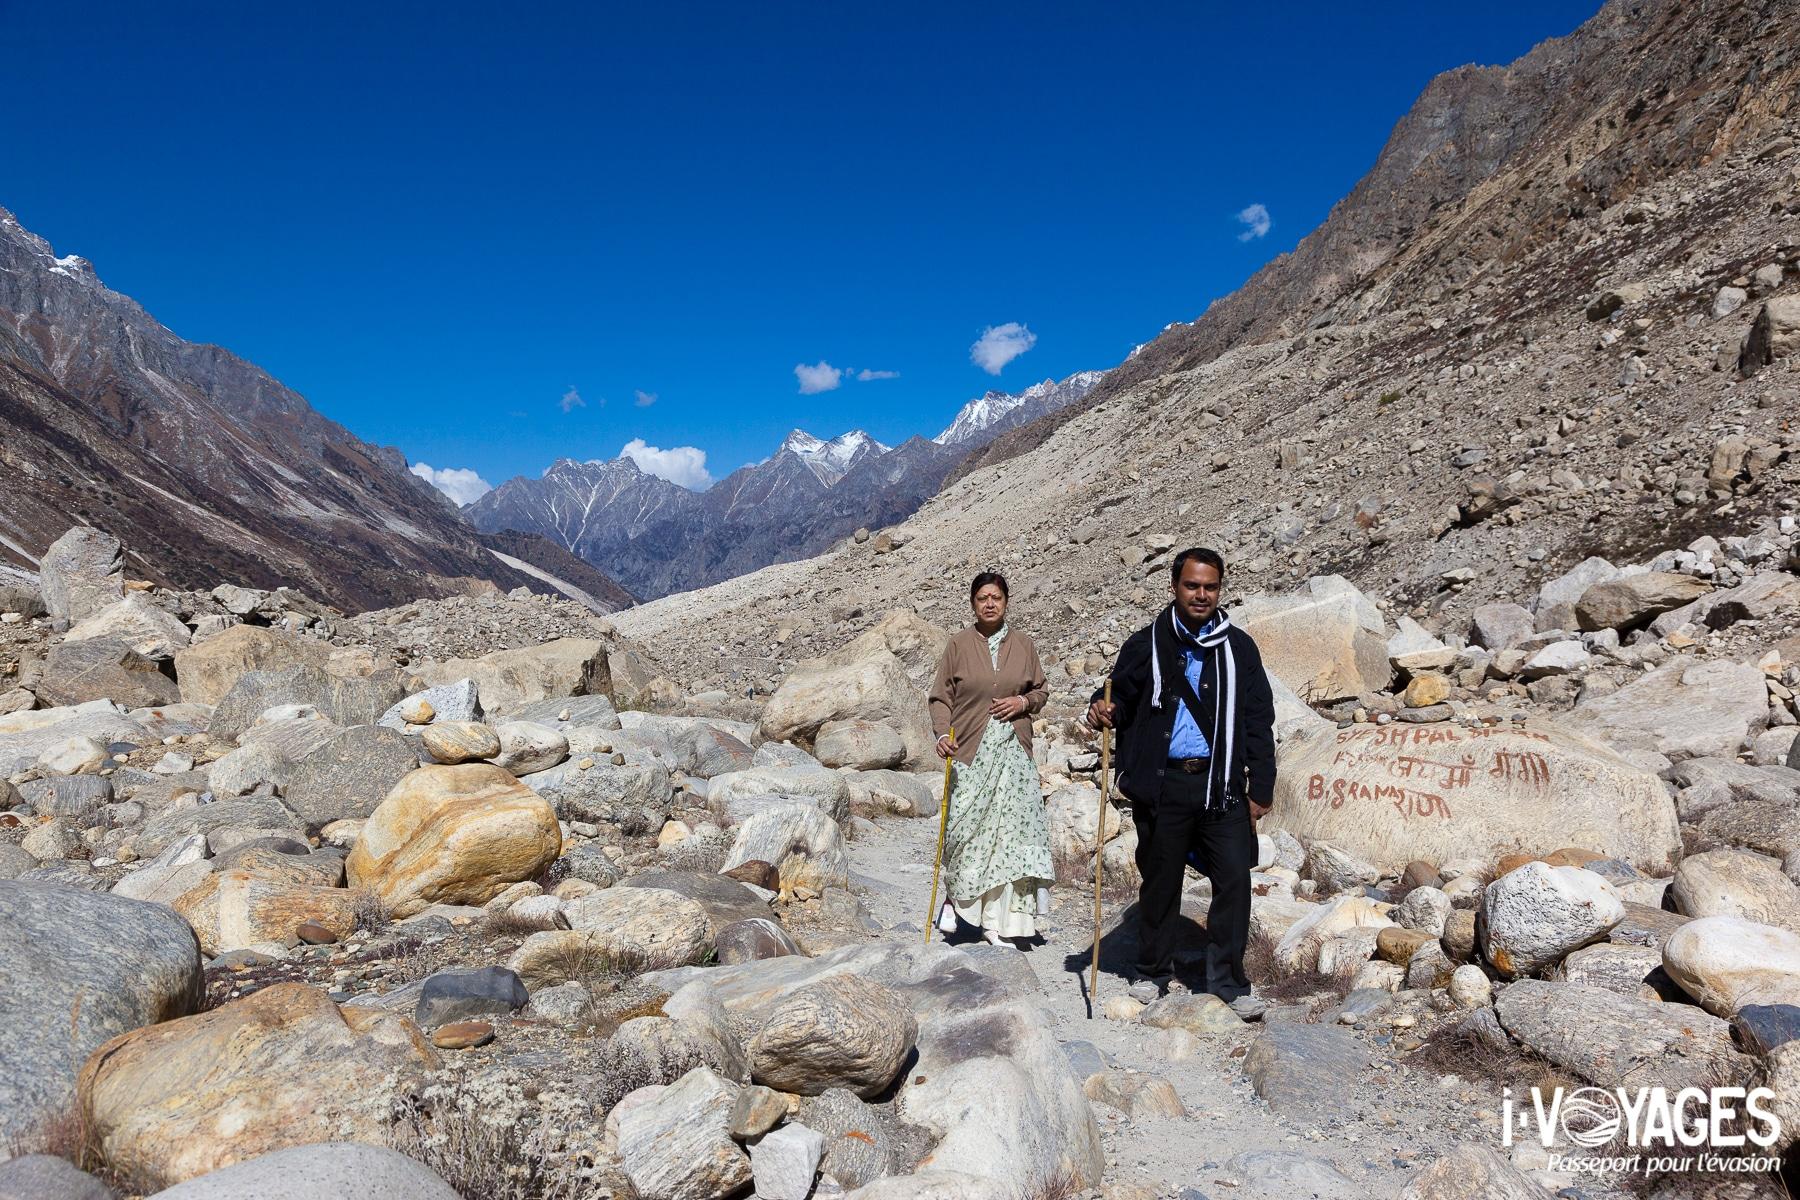 Des yatris en pèlerinage aux sources du Gange